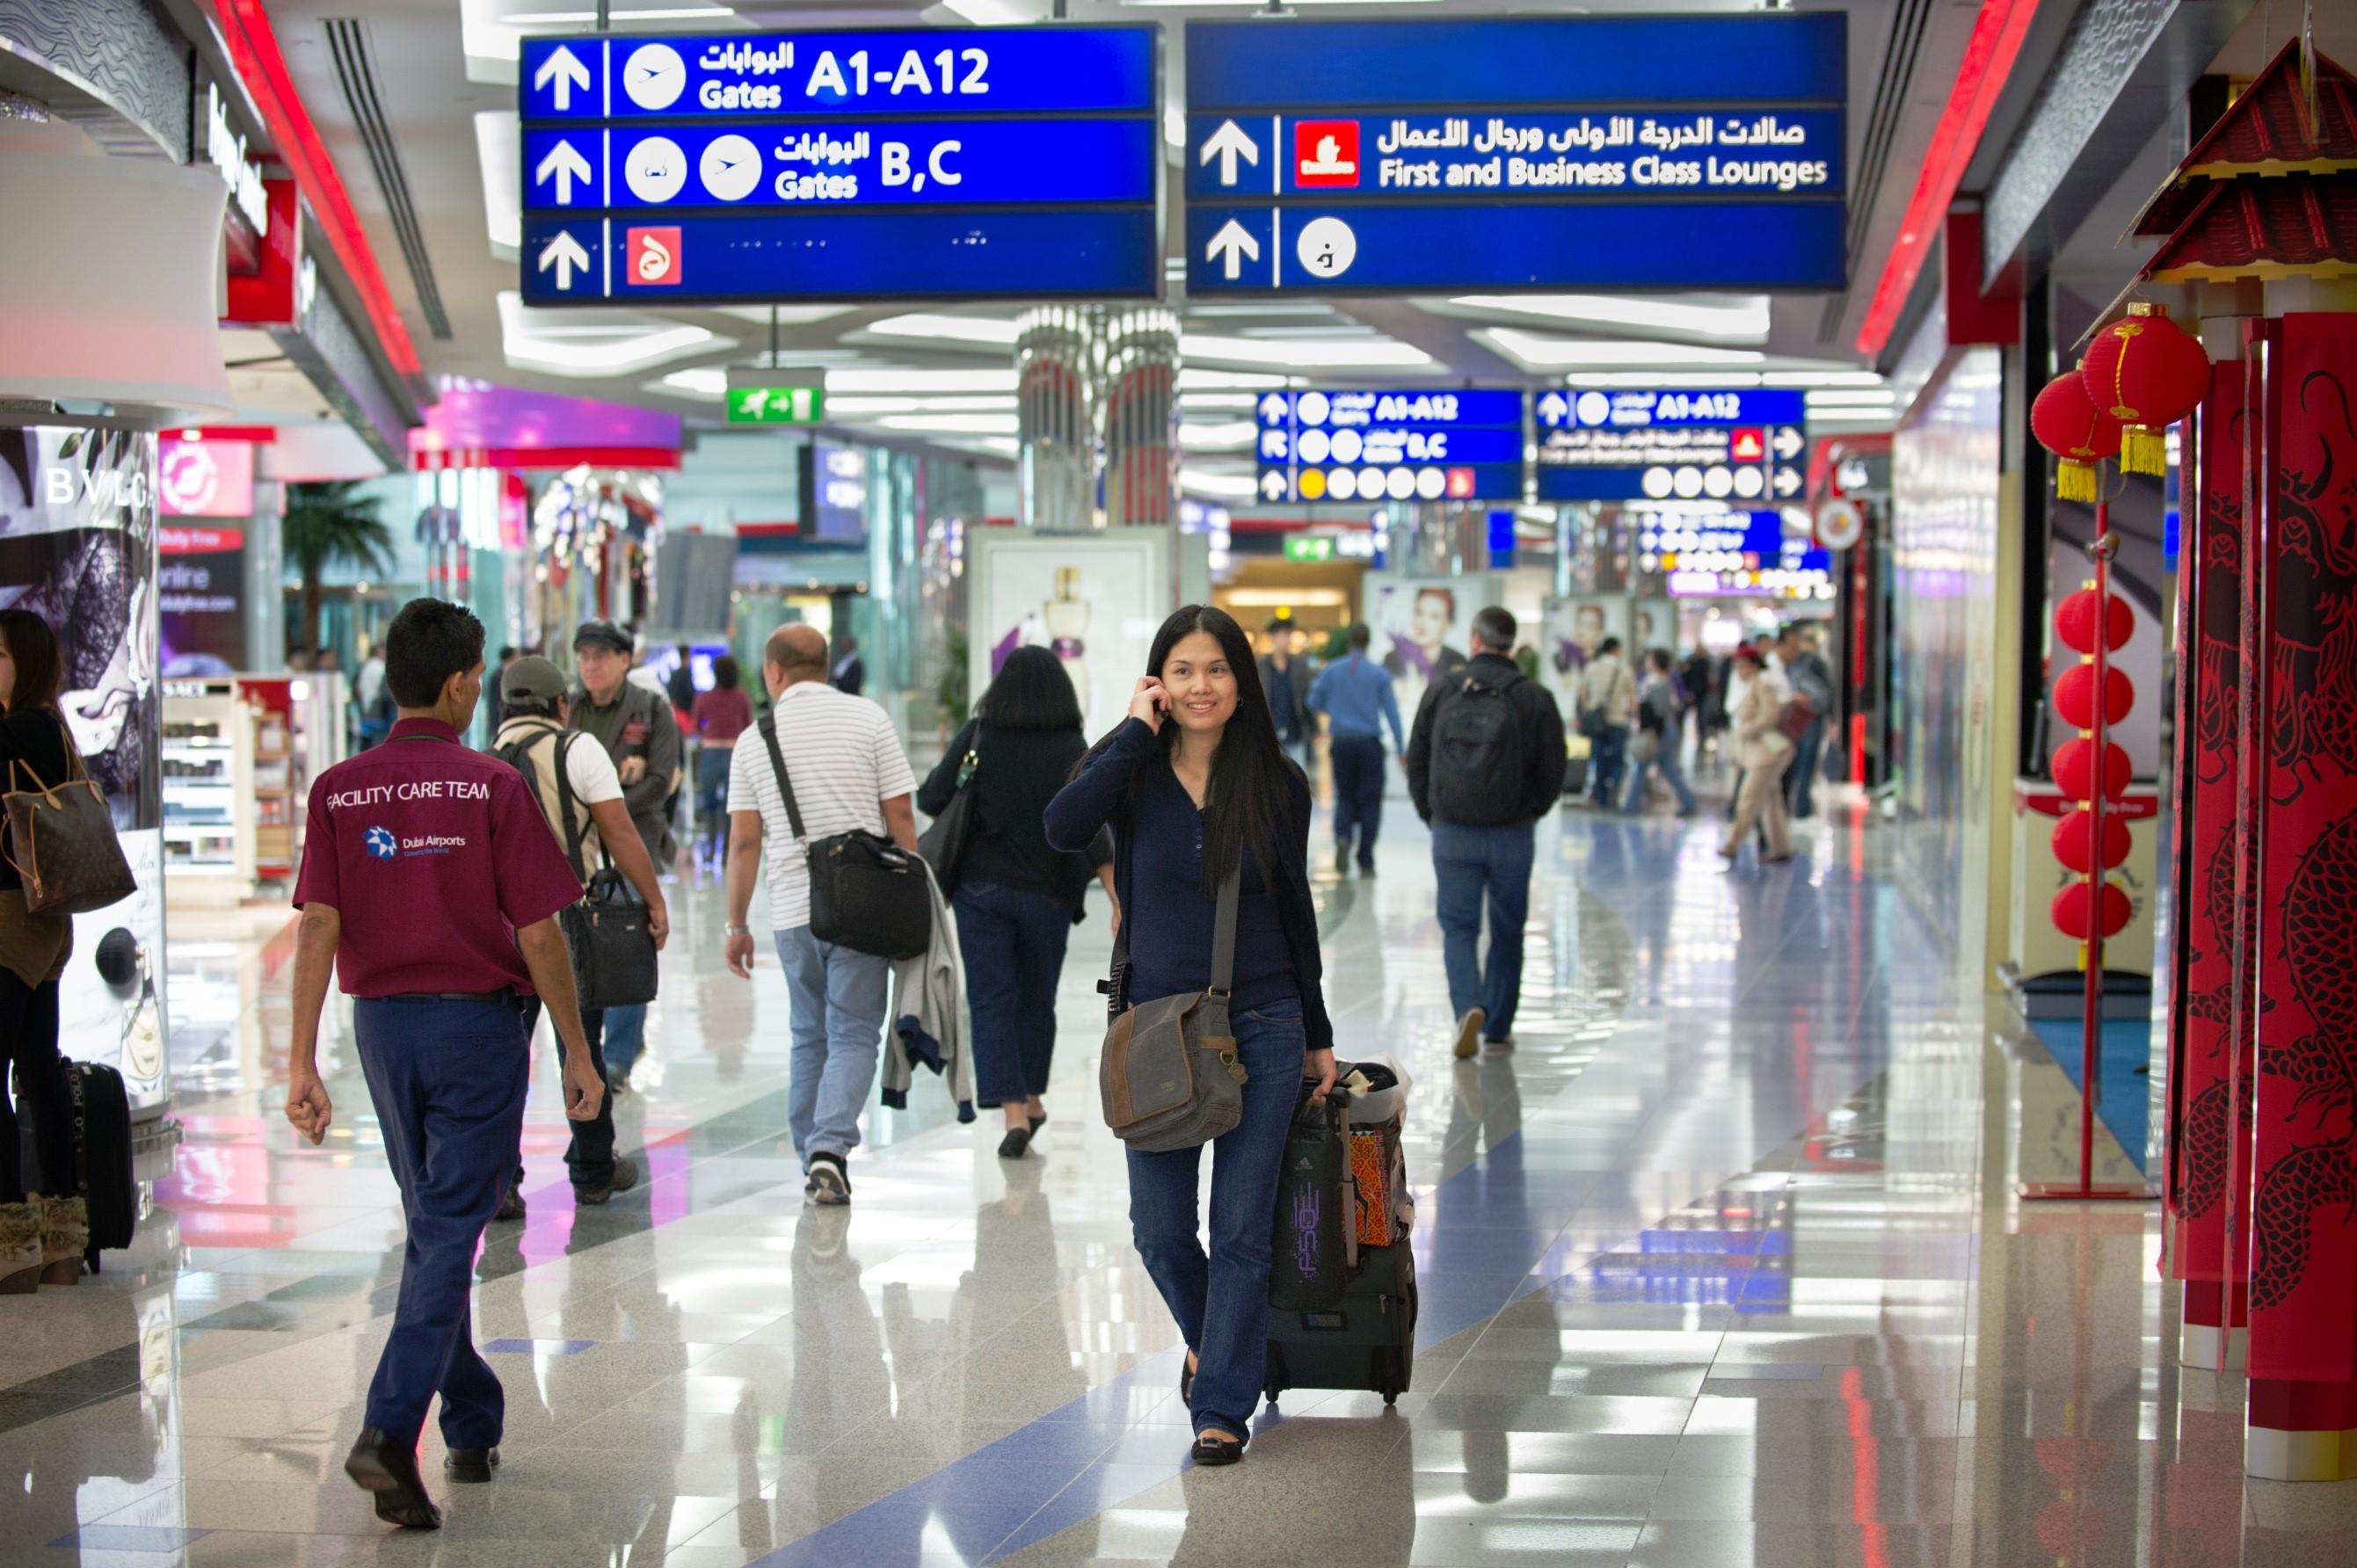 دبي الدولي يحتفظ بصدارته لقائمة مطارات العالم للعام الخامس على التوالي-1